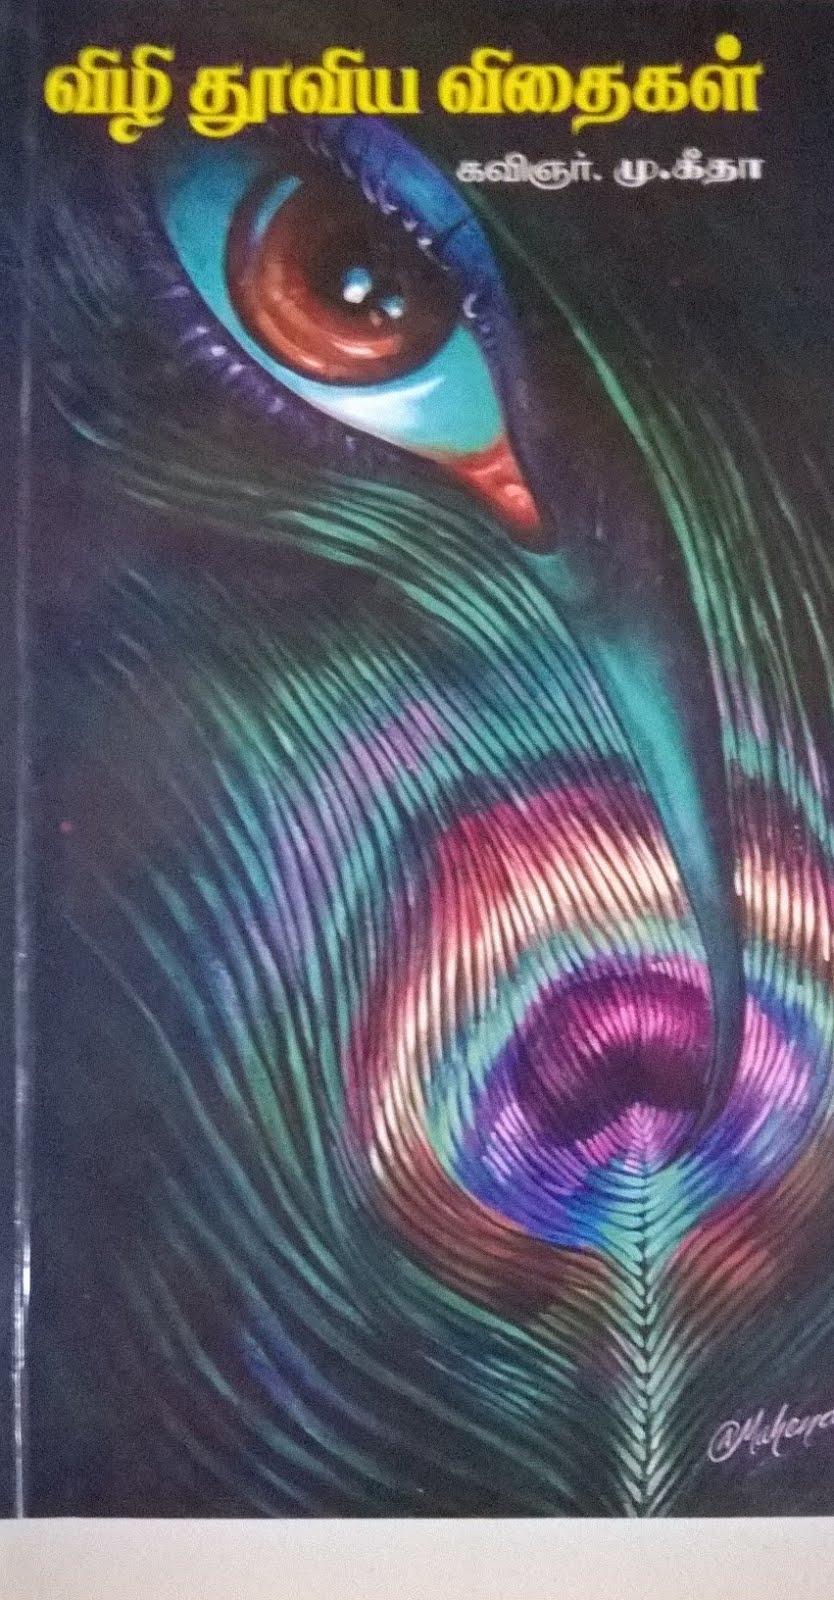 கவிப்பேராசான் விருது2015-வளரி இதழ் பெற்ற இரண்டாவது நூல்